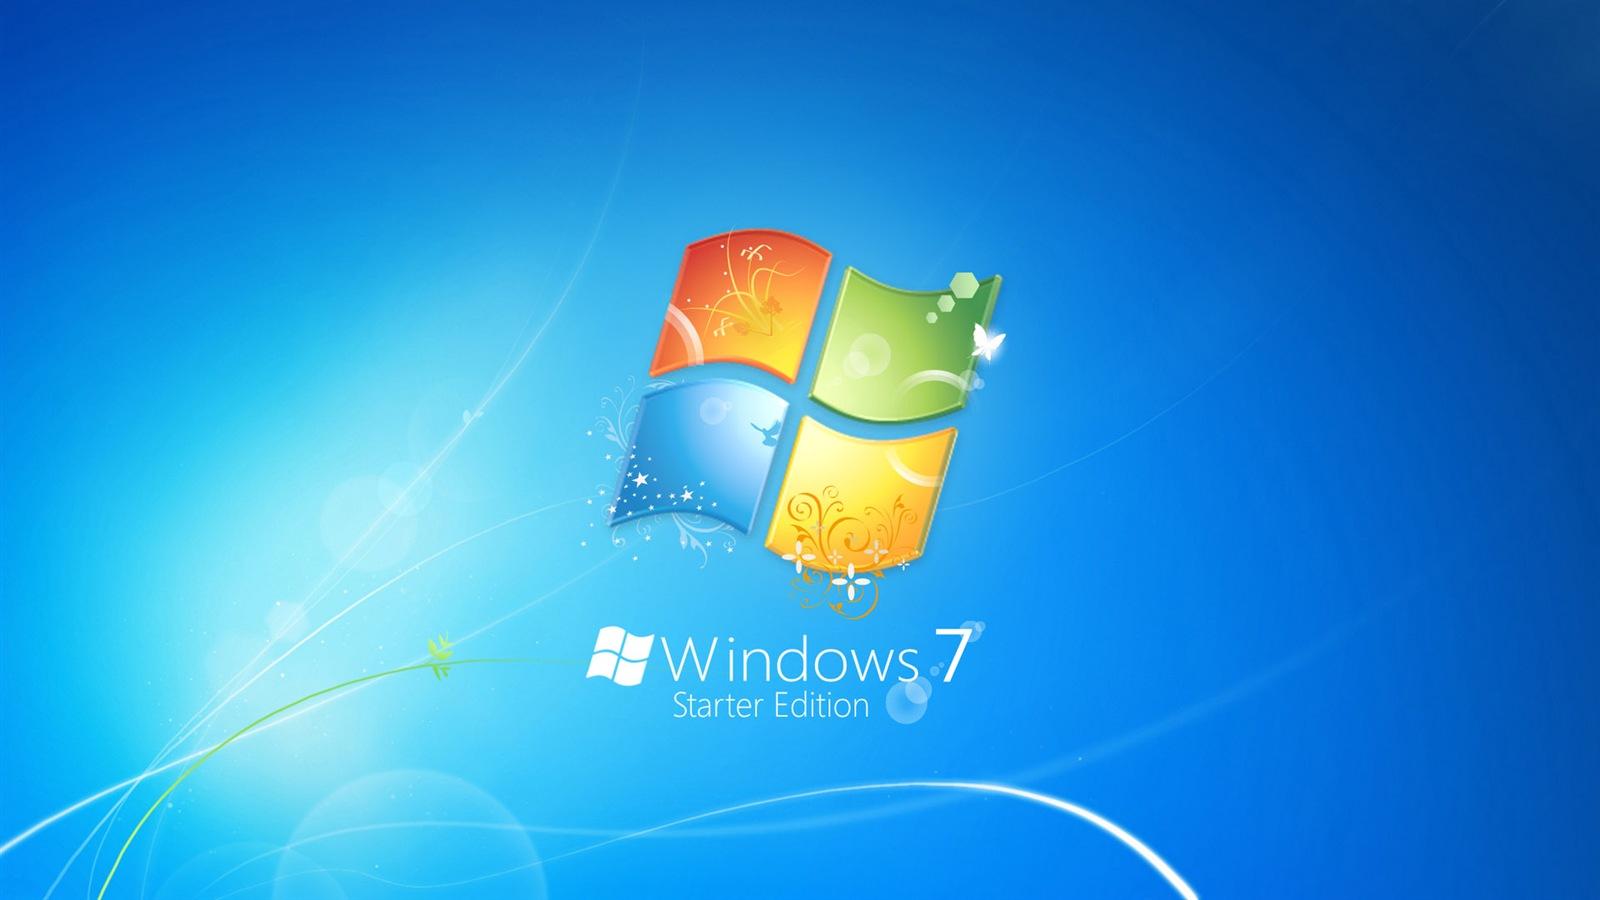 Как сделать у windows 7 на рабочем столе